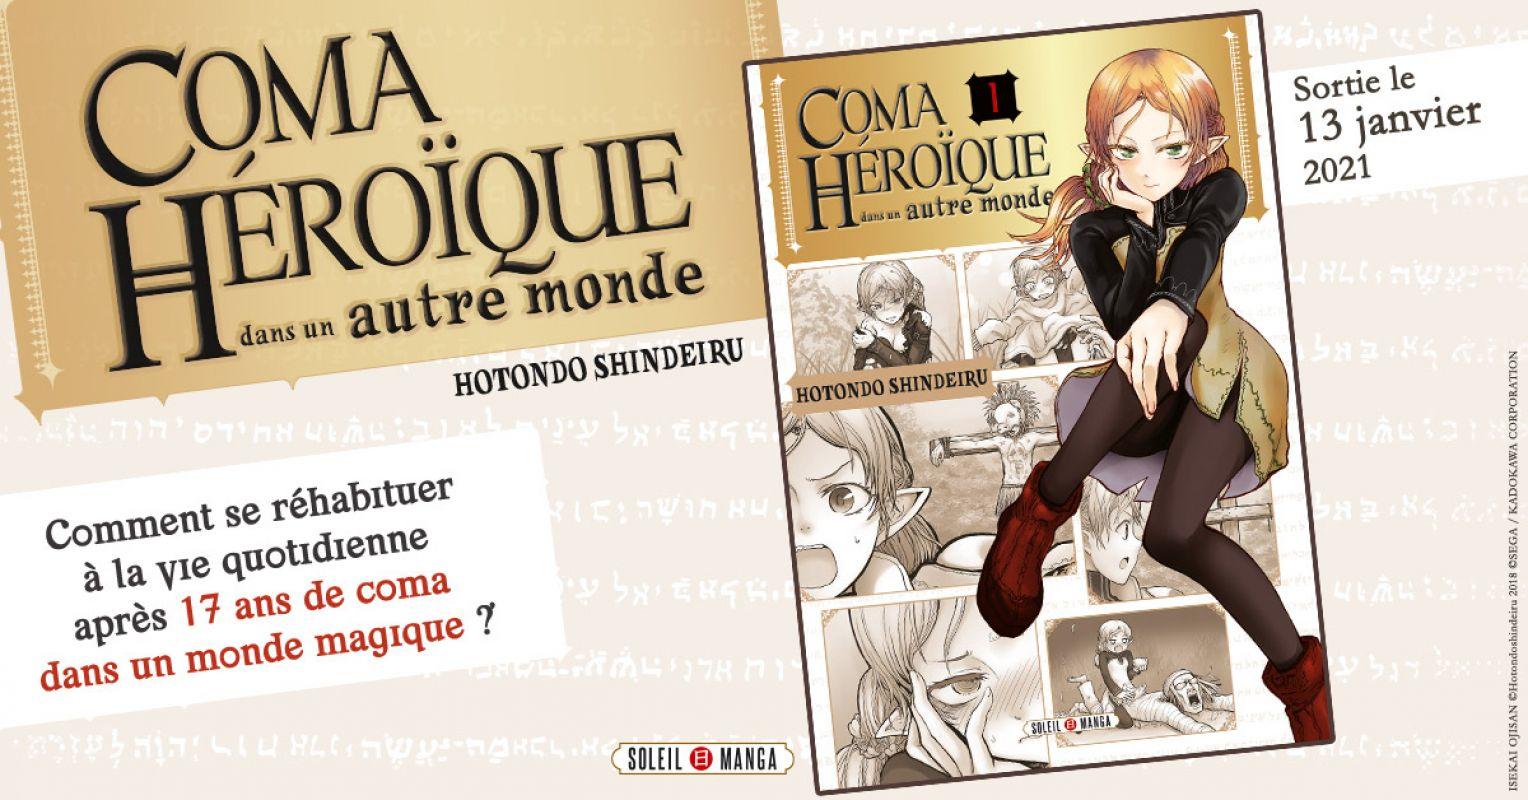 Coma Héroique dans un Autre Monde chez Soleil Manga